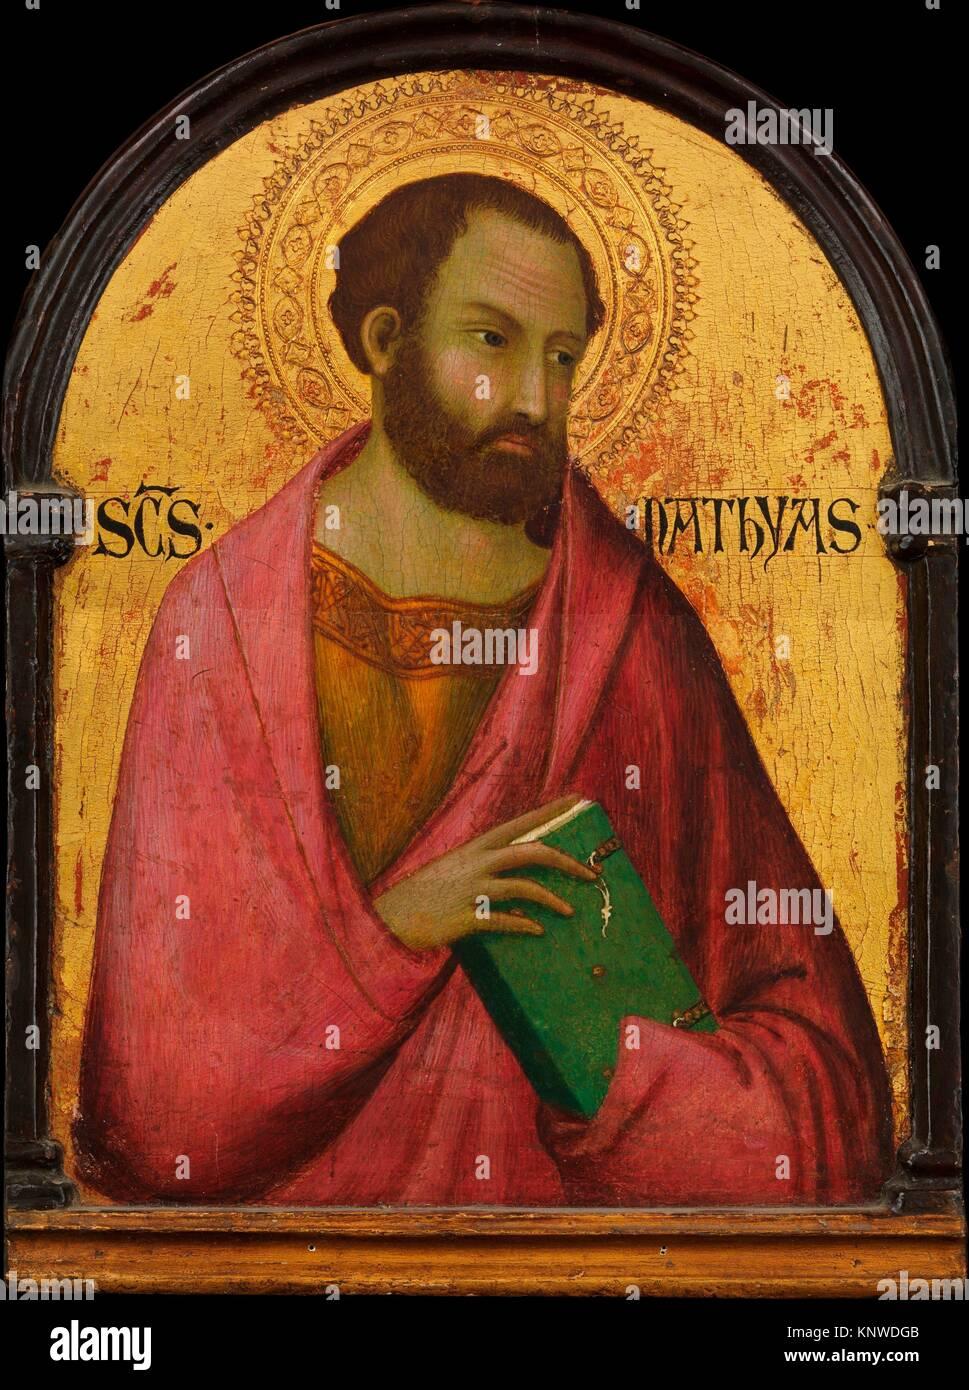 San Matías. Artista: Taller de Simone Martini (Italiano, Siena, activo en 1315 y murió 1344 Aviñón); Fecha: ca. Foto de stock